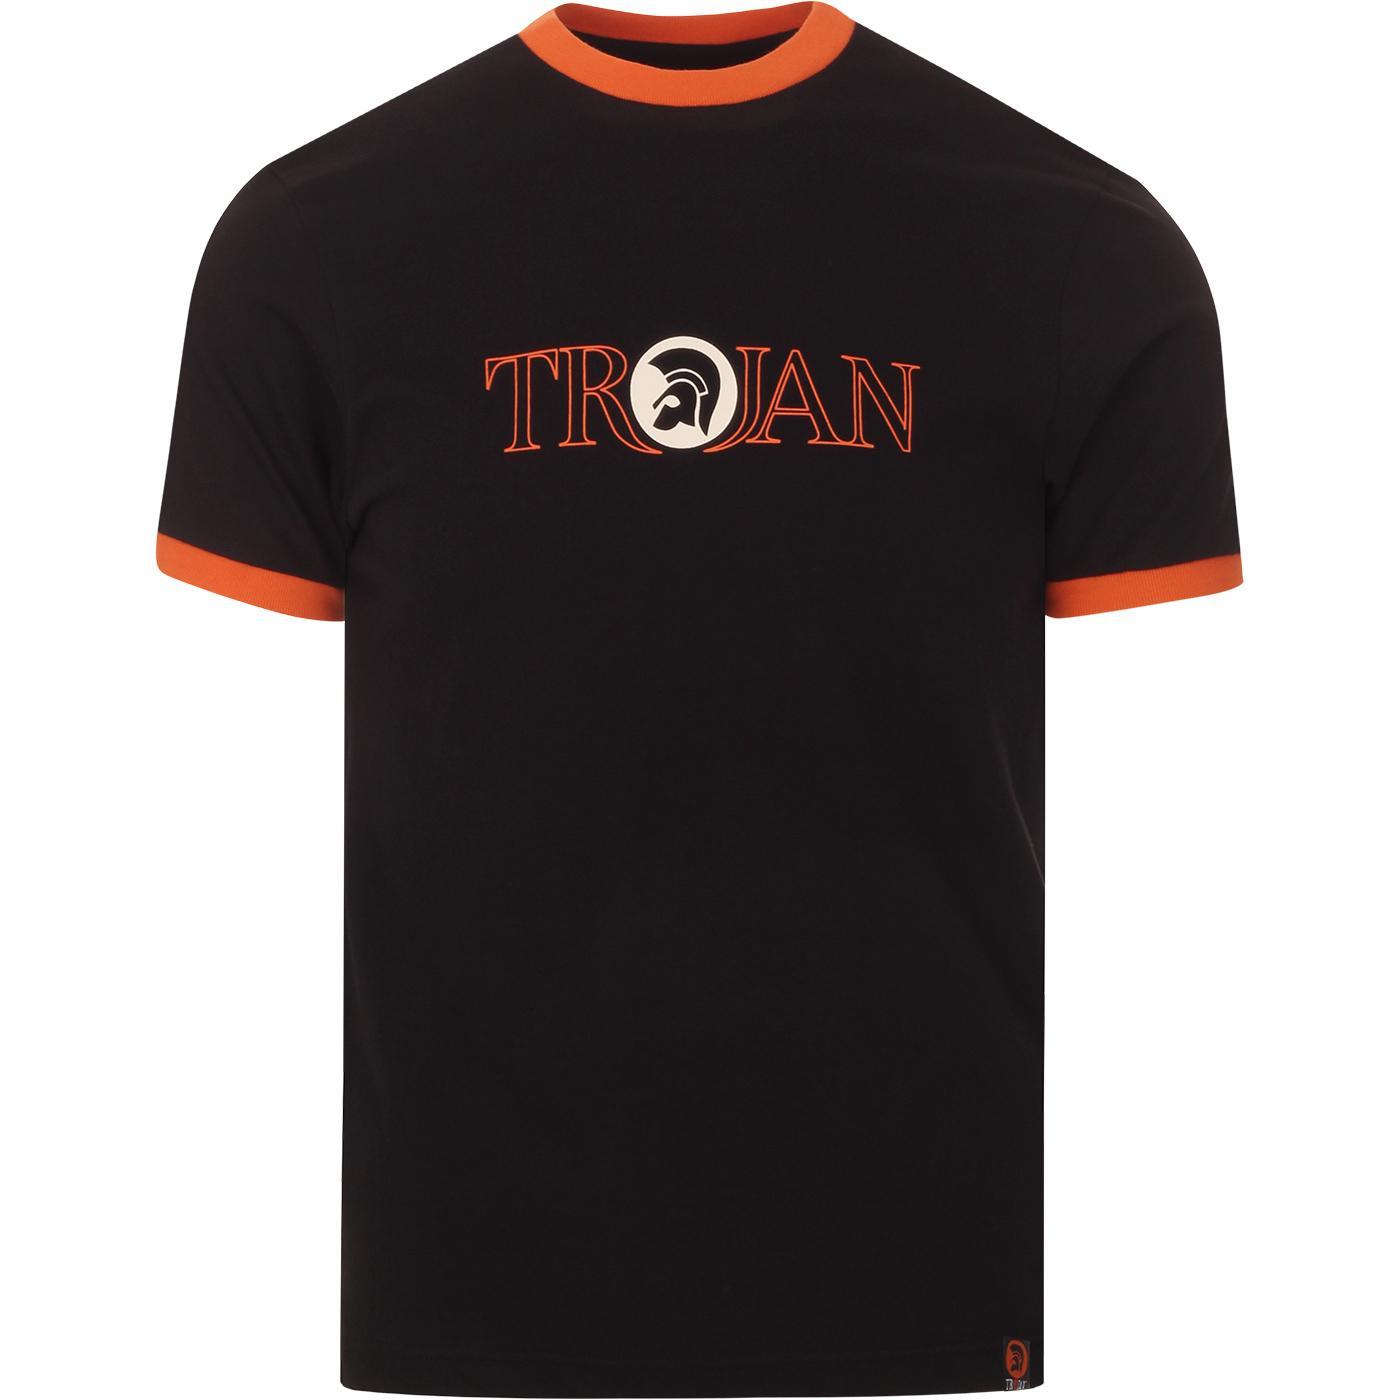 TROJAN RECORDS Retro Outline Logo Ringer T-Shirt B